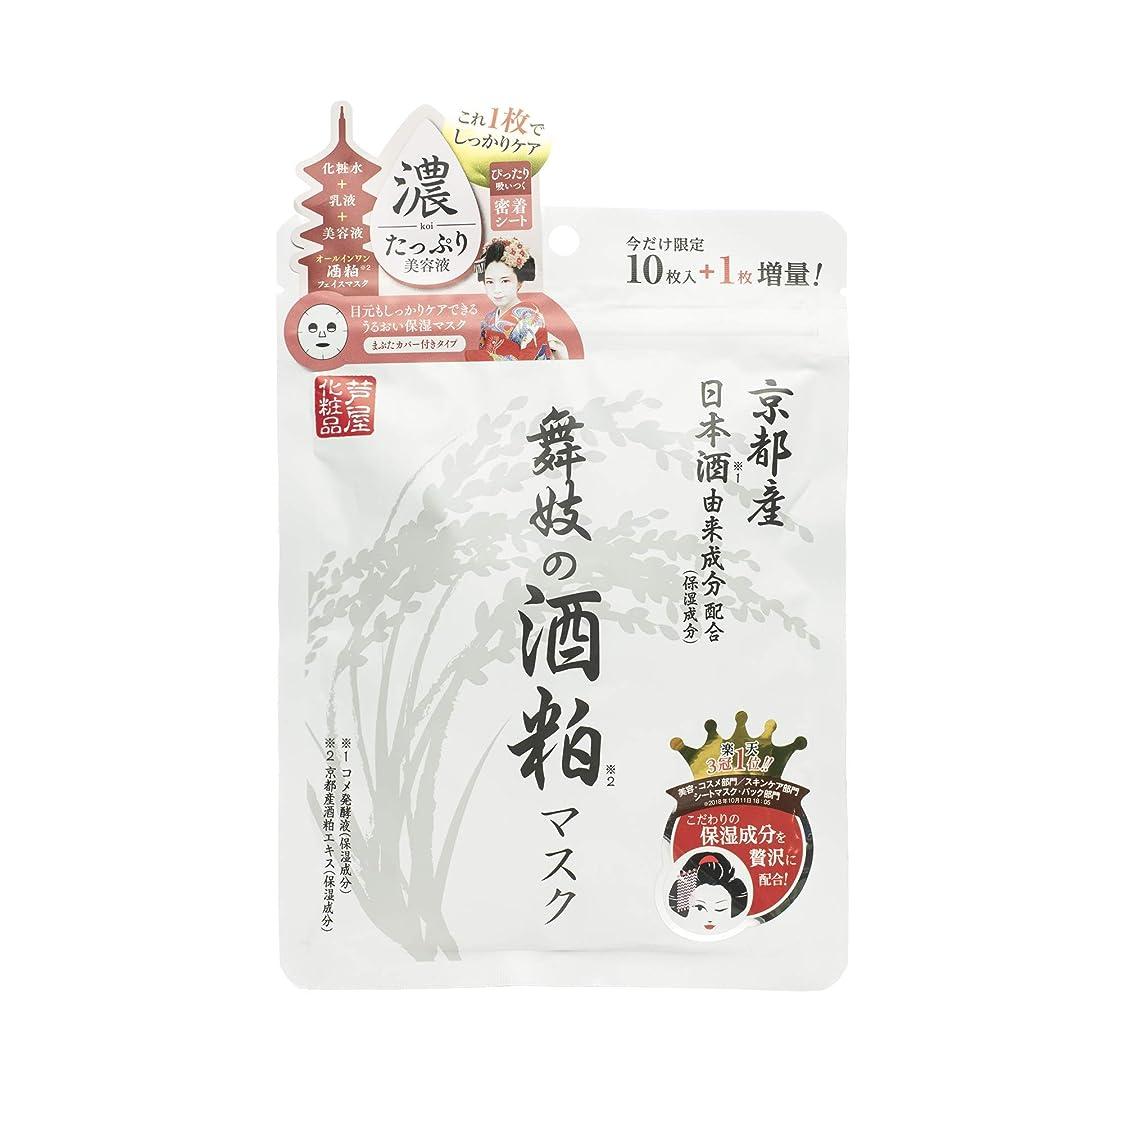 ジョグ犯人拡張芦屋化粧品 舞妓の酒粕マスク 10枚